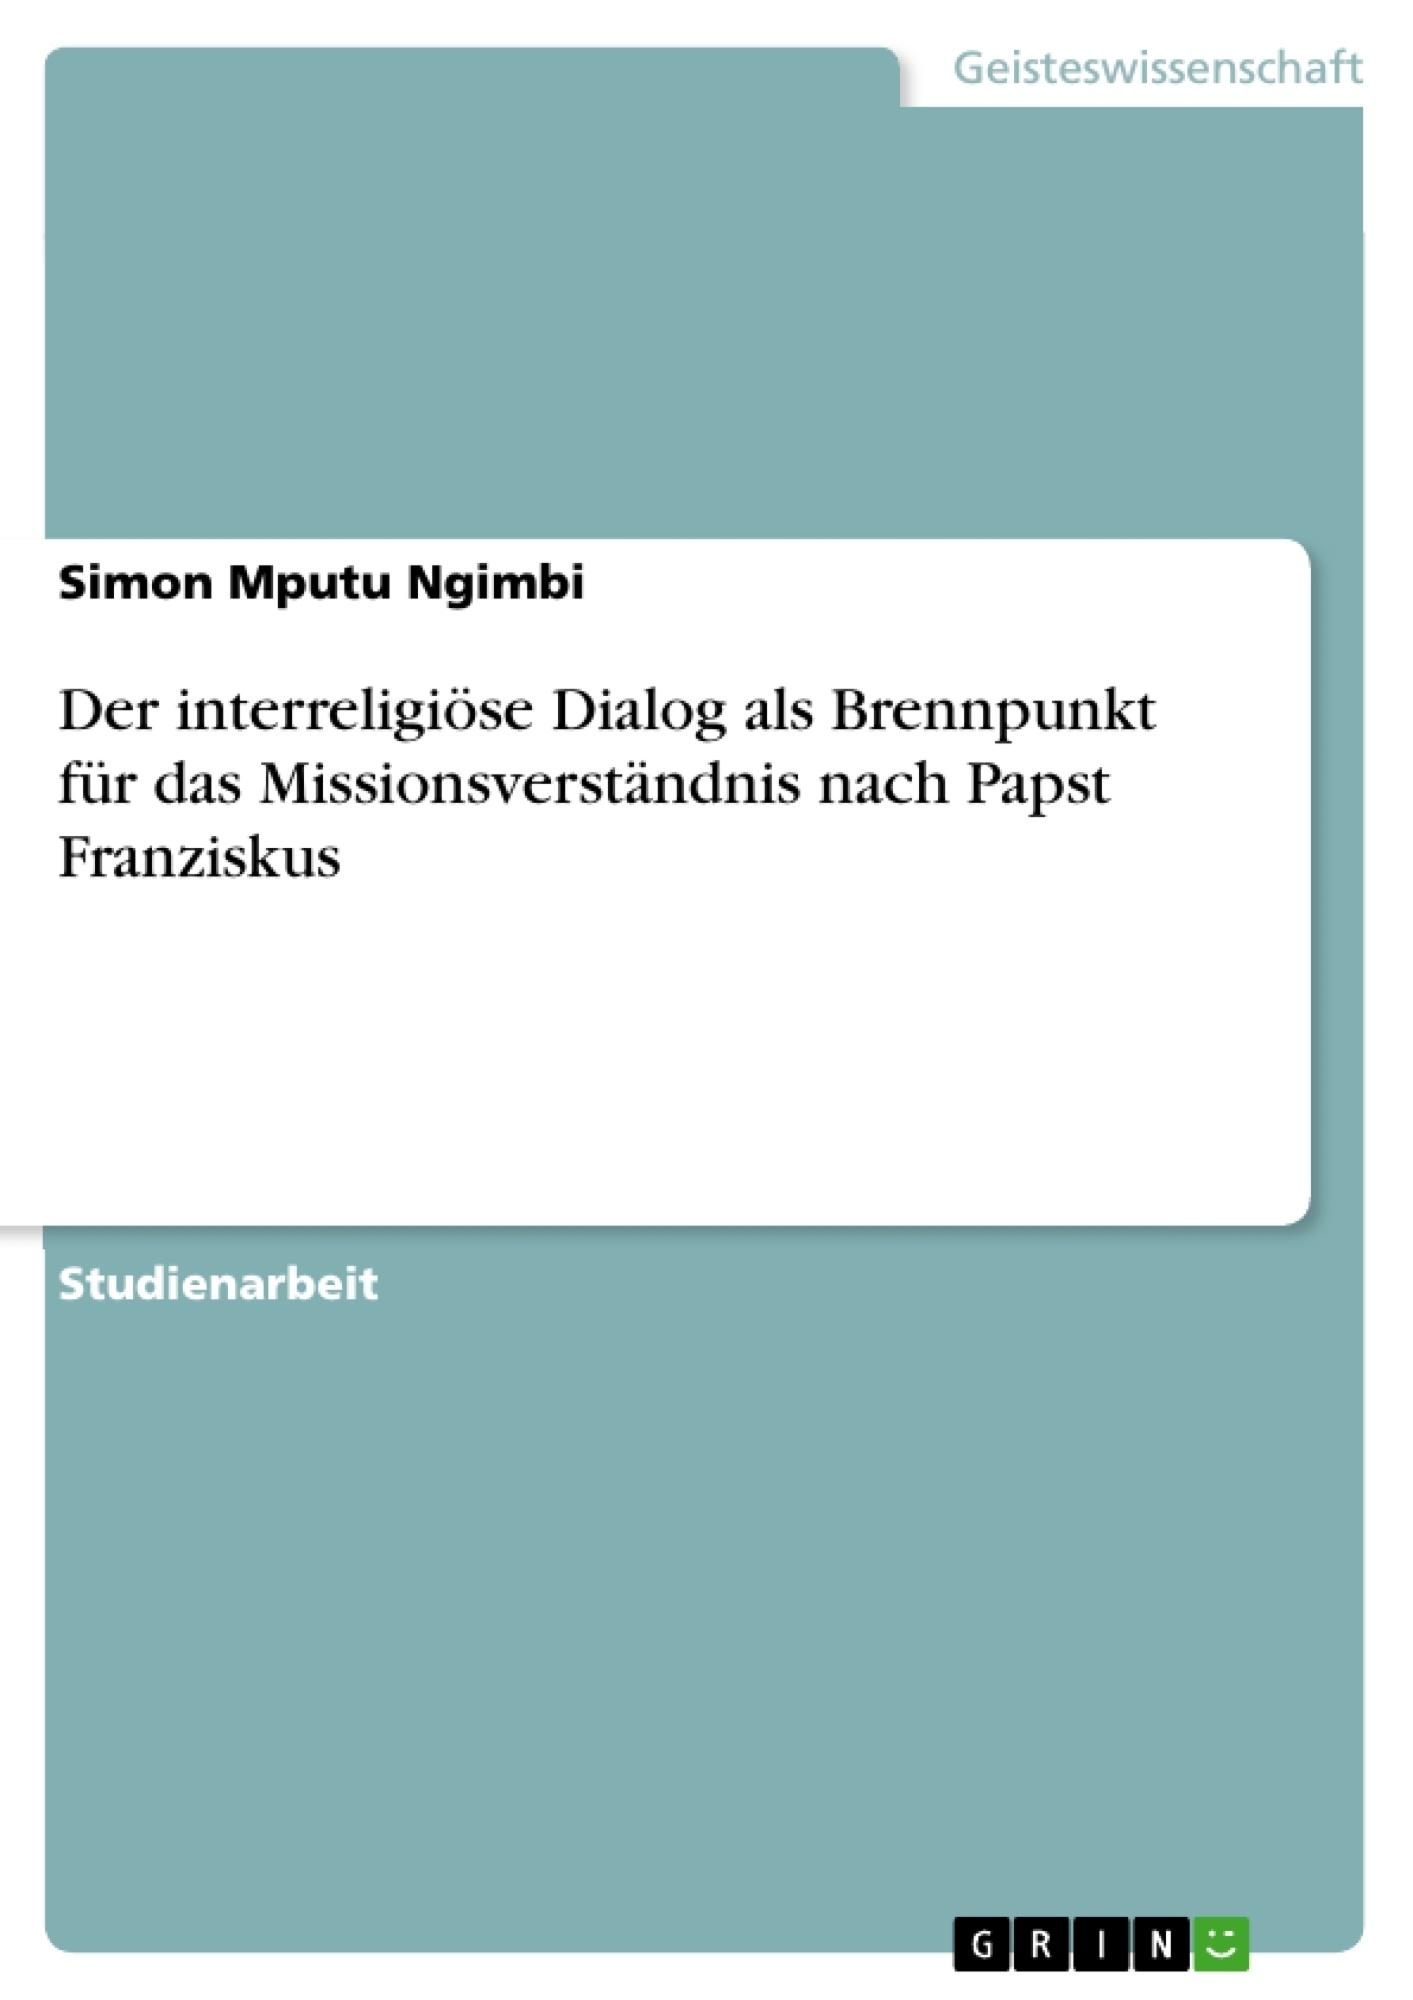 Titel: Der interreligiöse Dialog als Brennpunkt für das Missionsverständnis nach Papst Franziskus